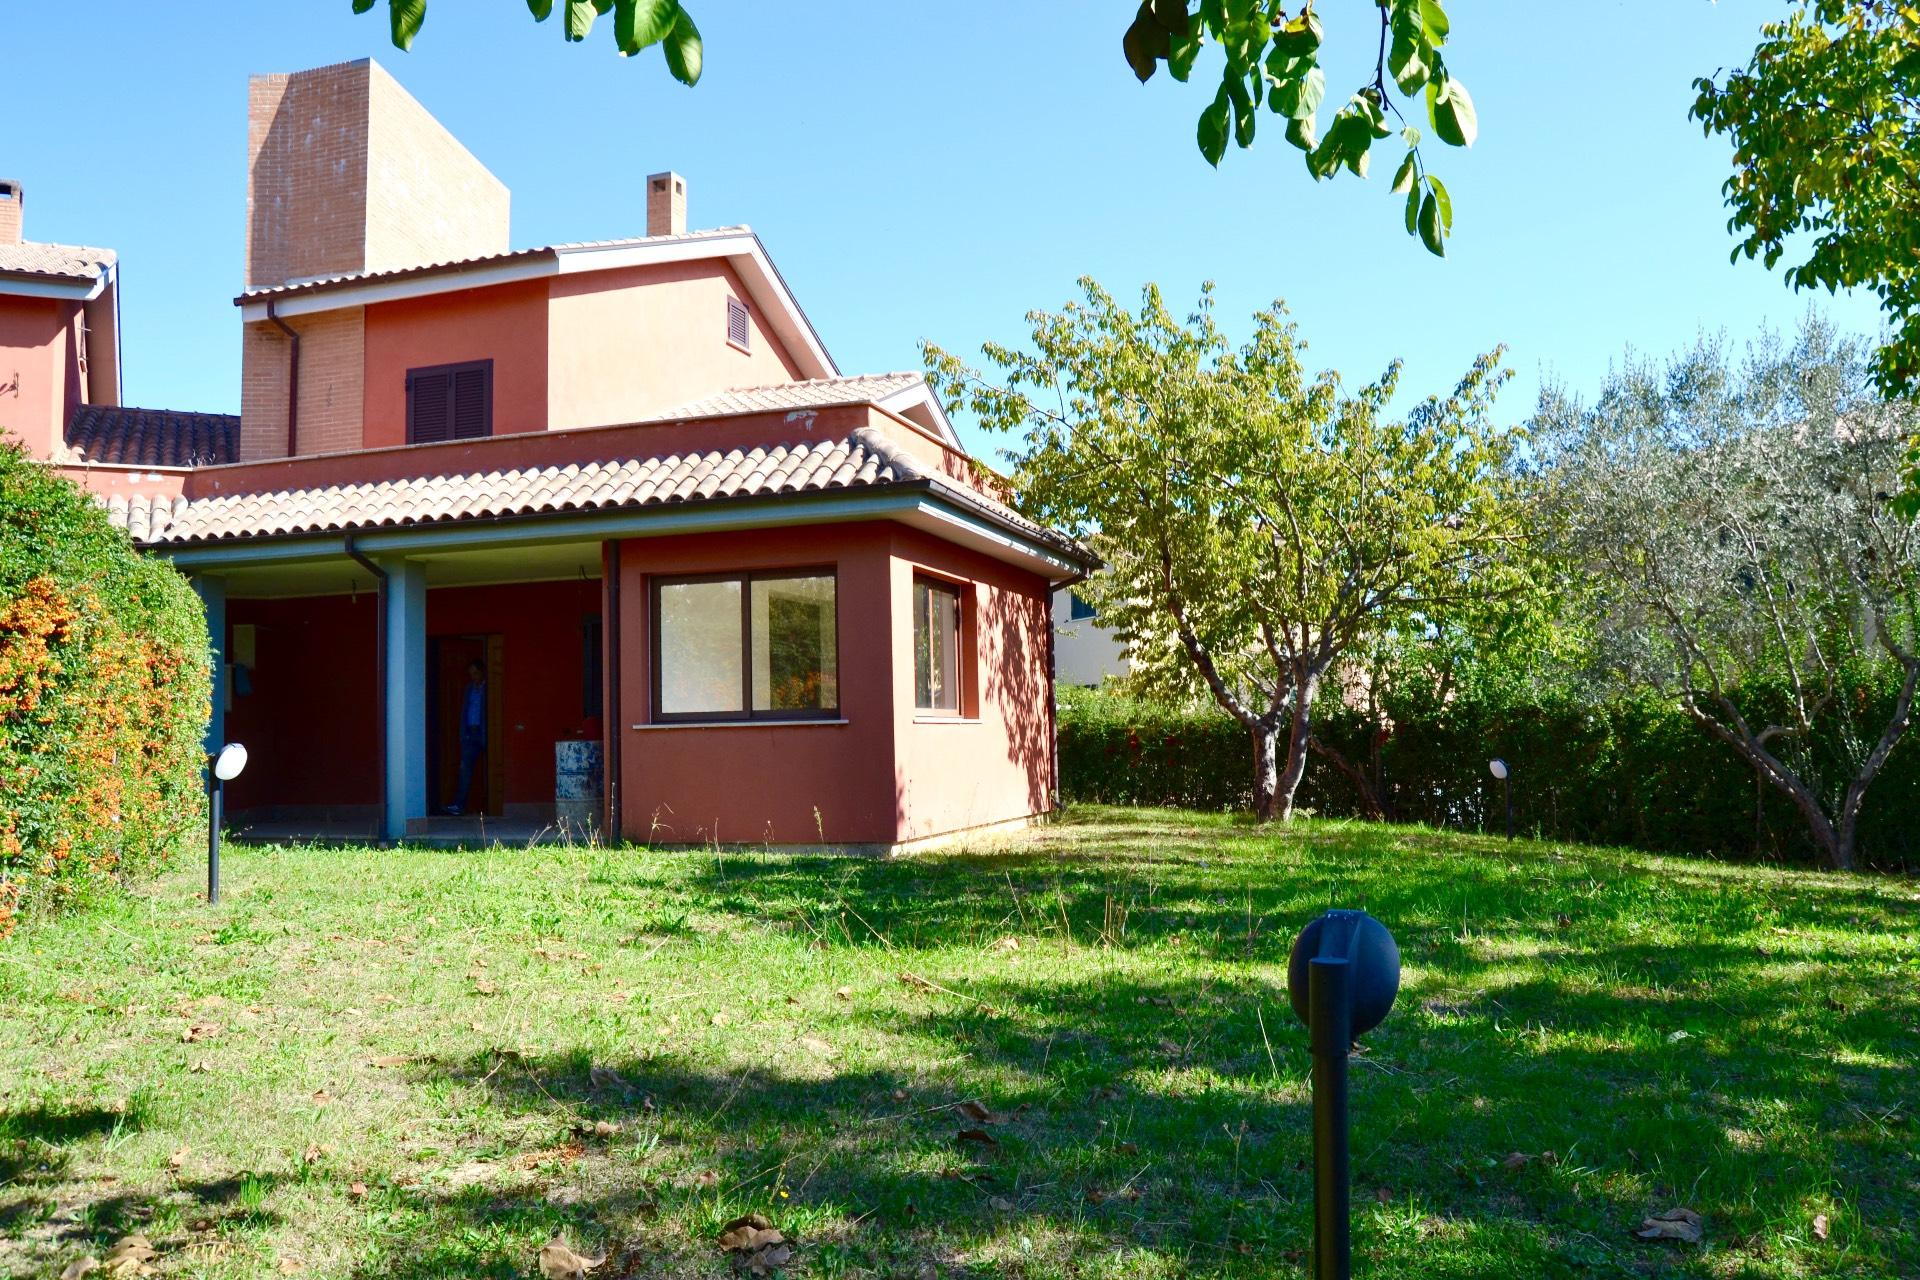 Villa in vendita a Poggio Moiano, 5 locali, zona Località: OsteriaNuova, prezzo € 275.000 | CambioCasa.it